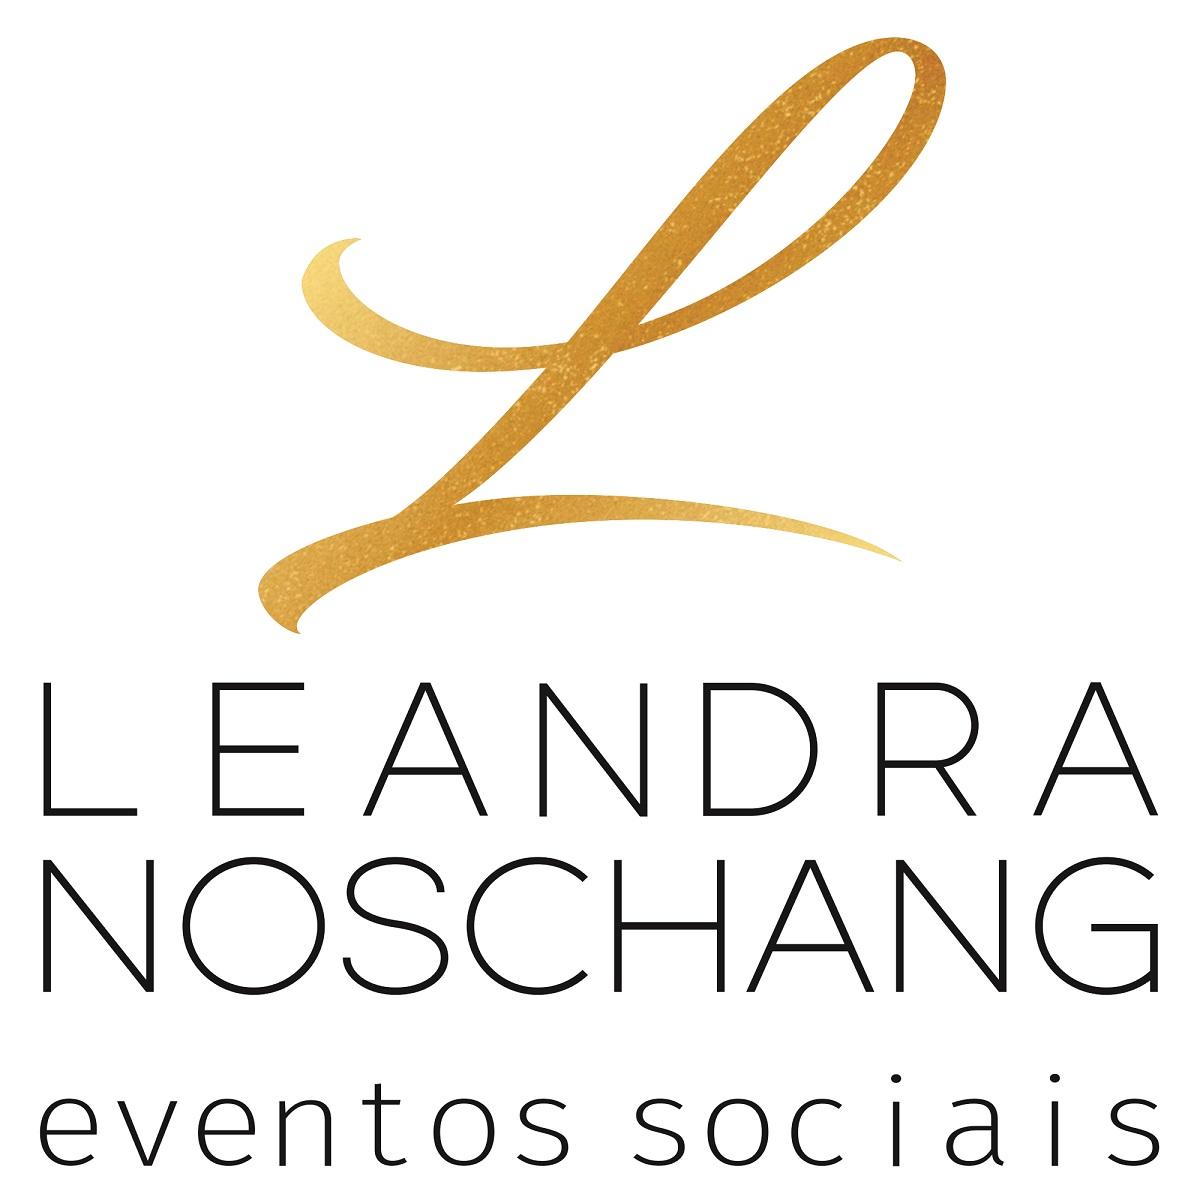 Leandra Noschang Eventos Sociais